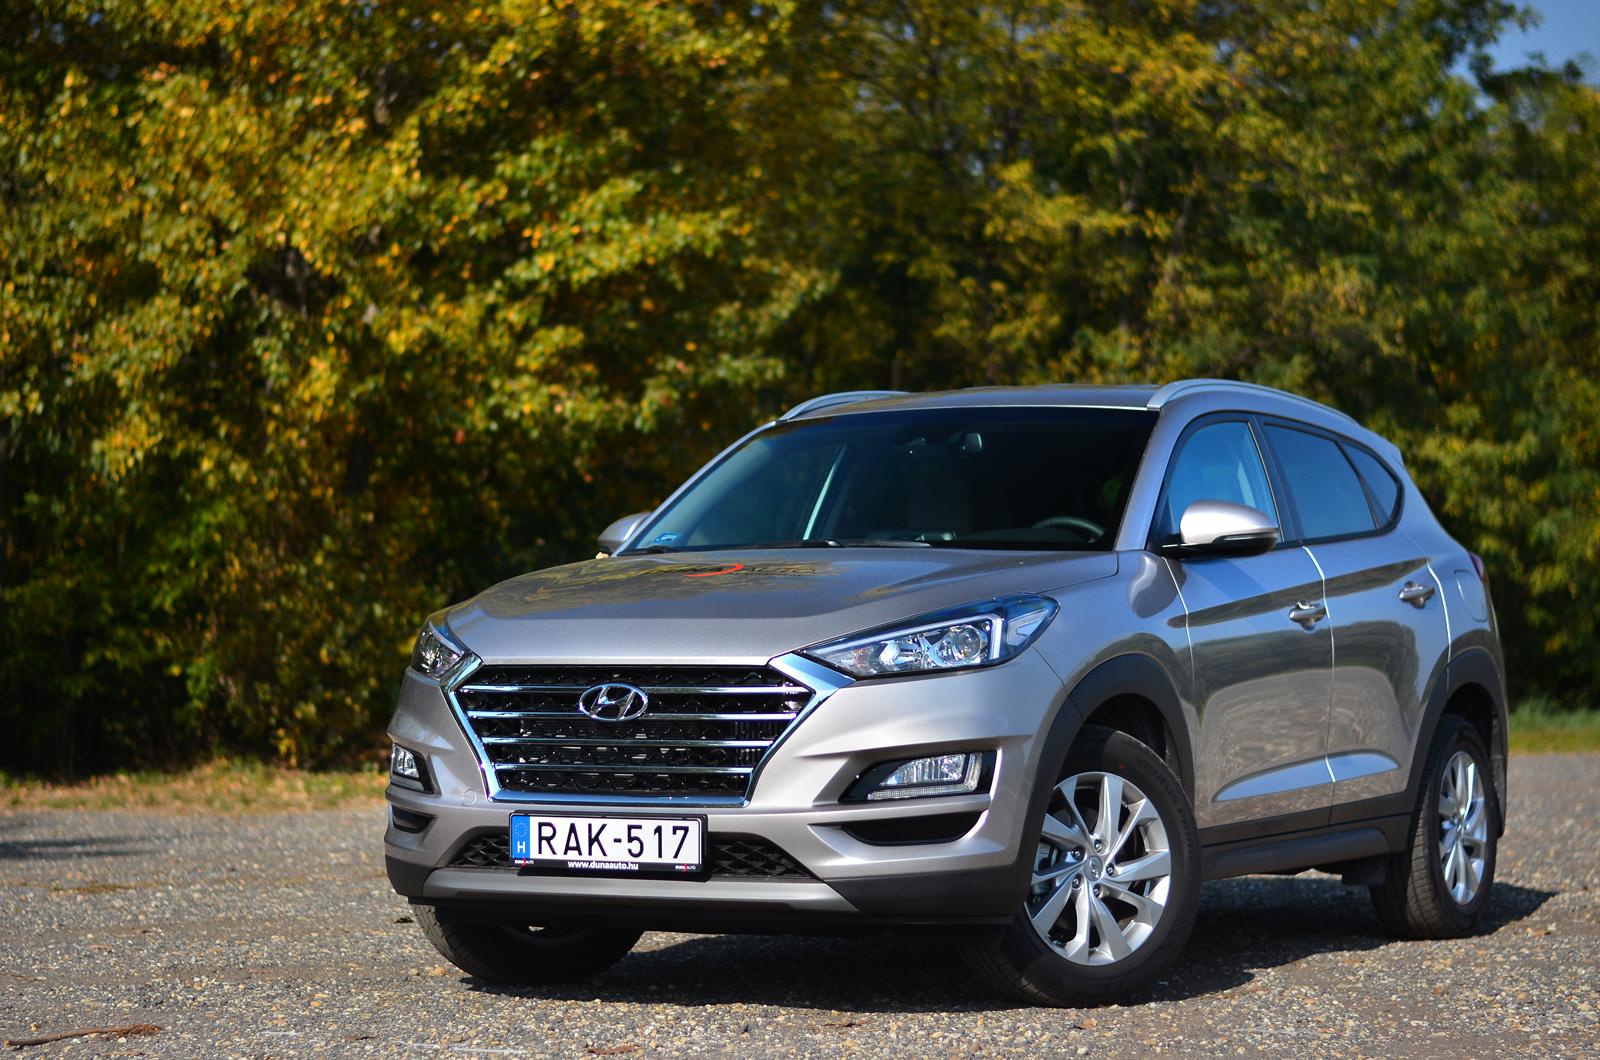 Hyundai Tucson 1.6 T-GDI teszt – komfortos koreai